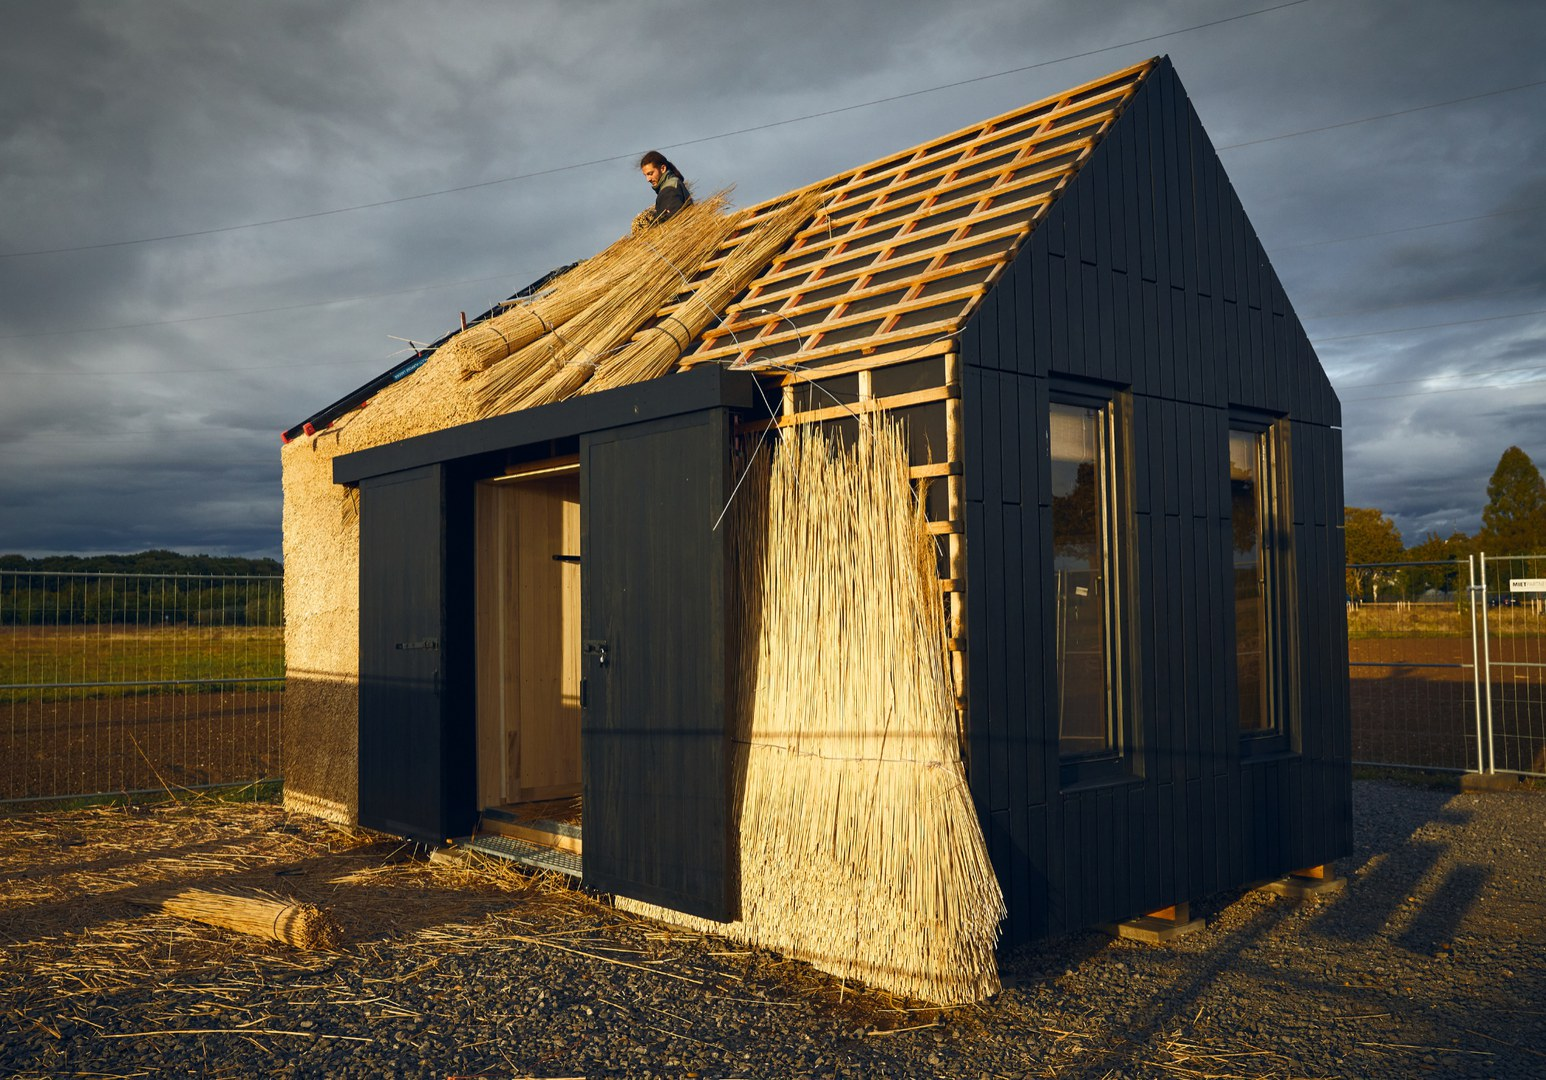 Ein kleines Haus aus nachwachsenden Rohstoffen